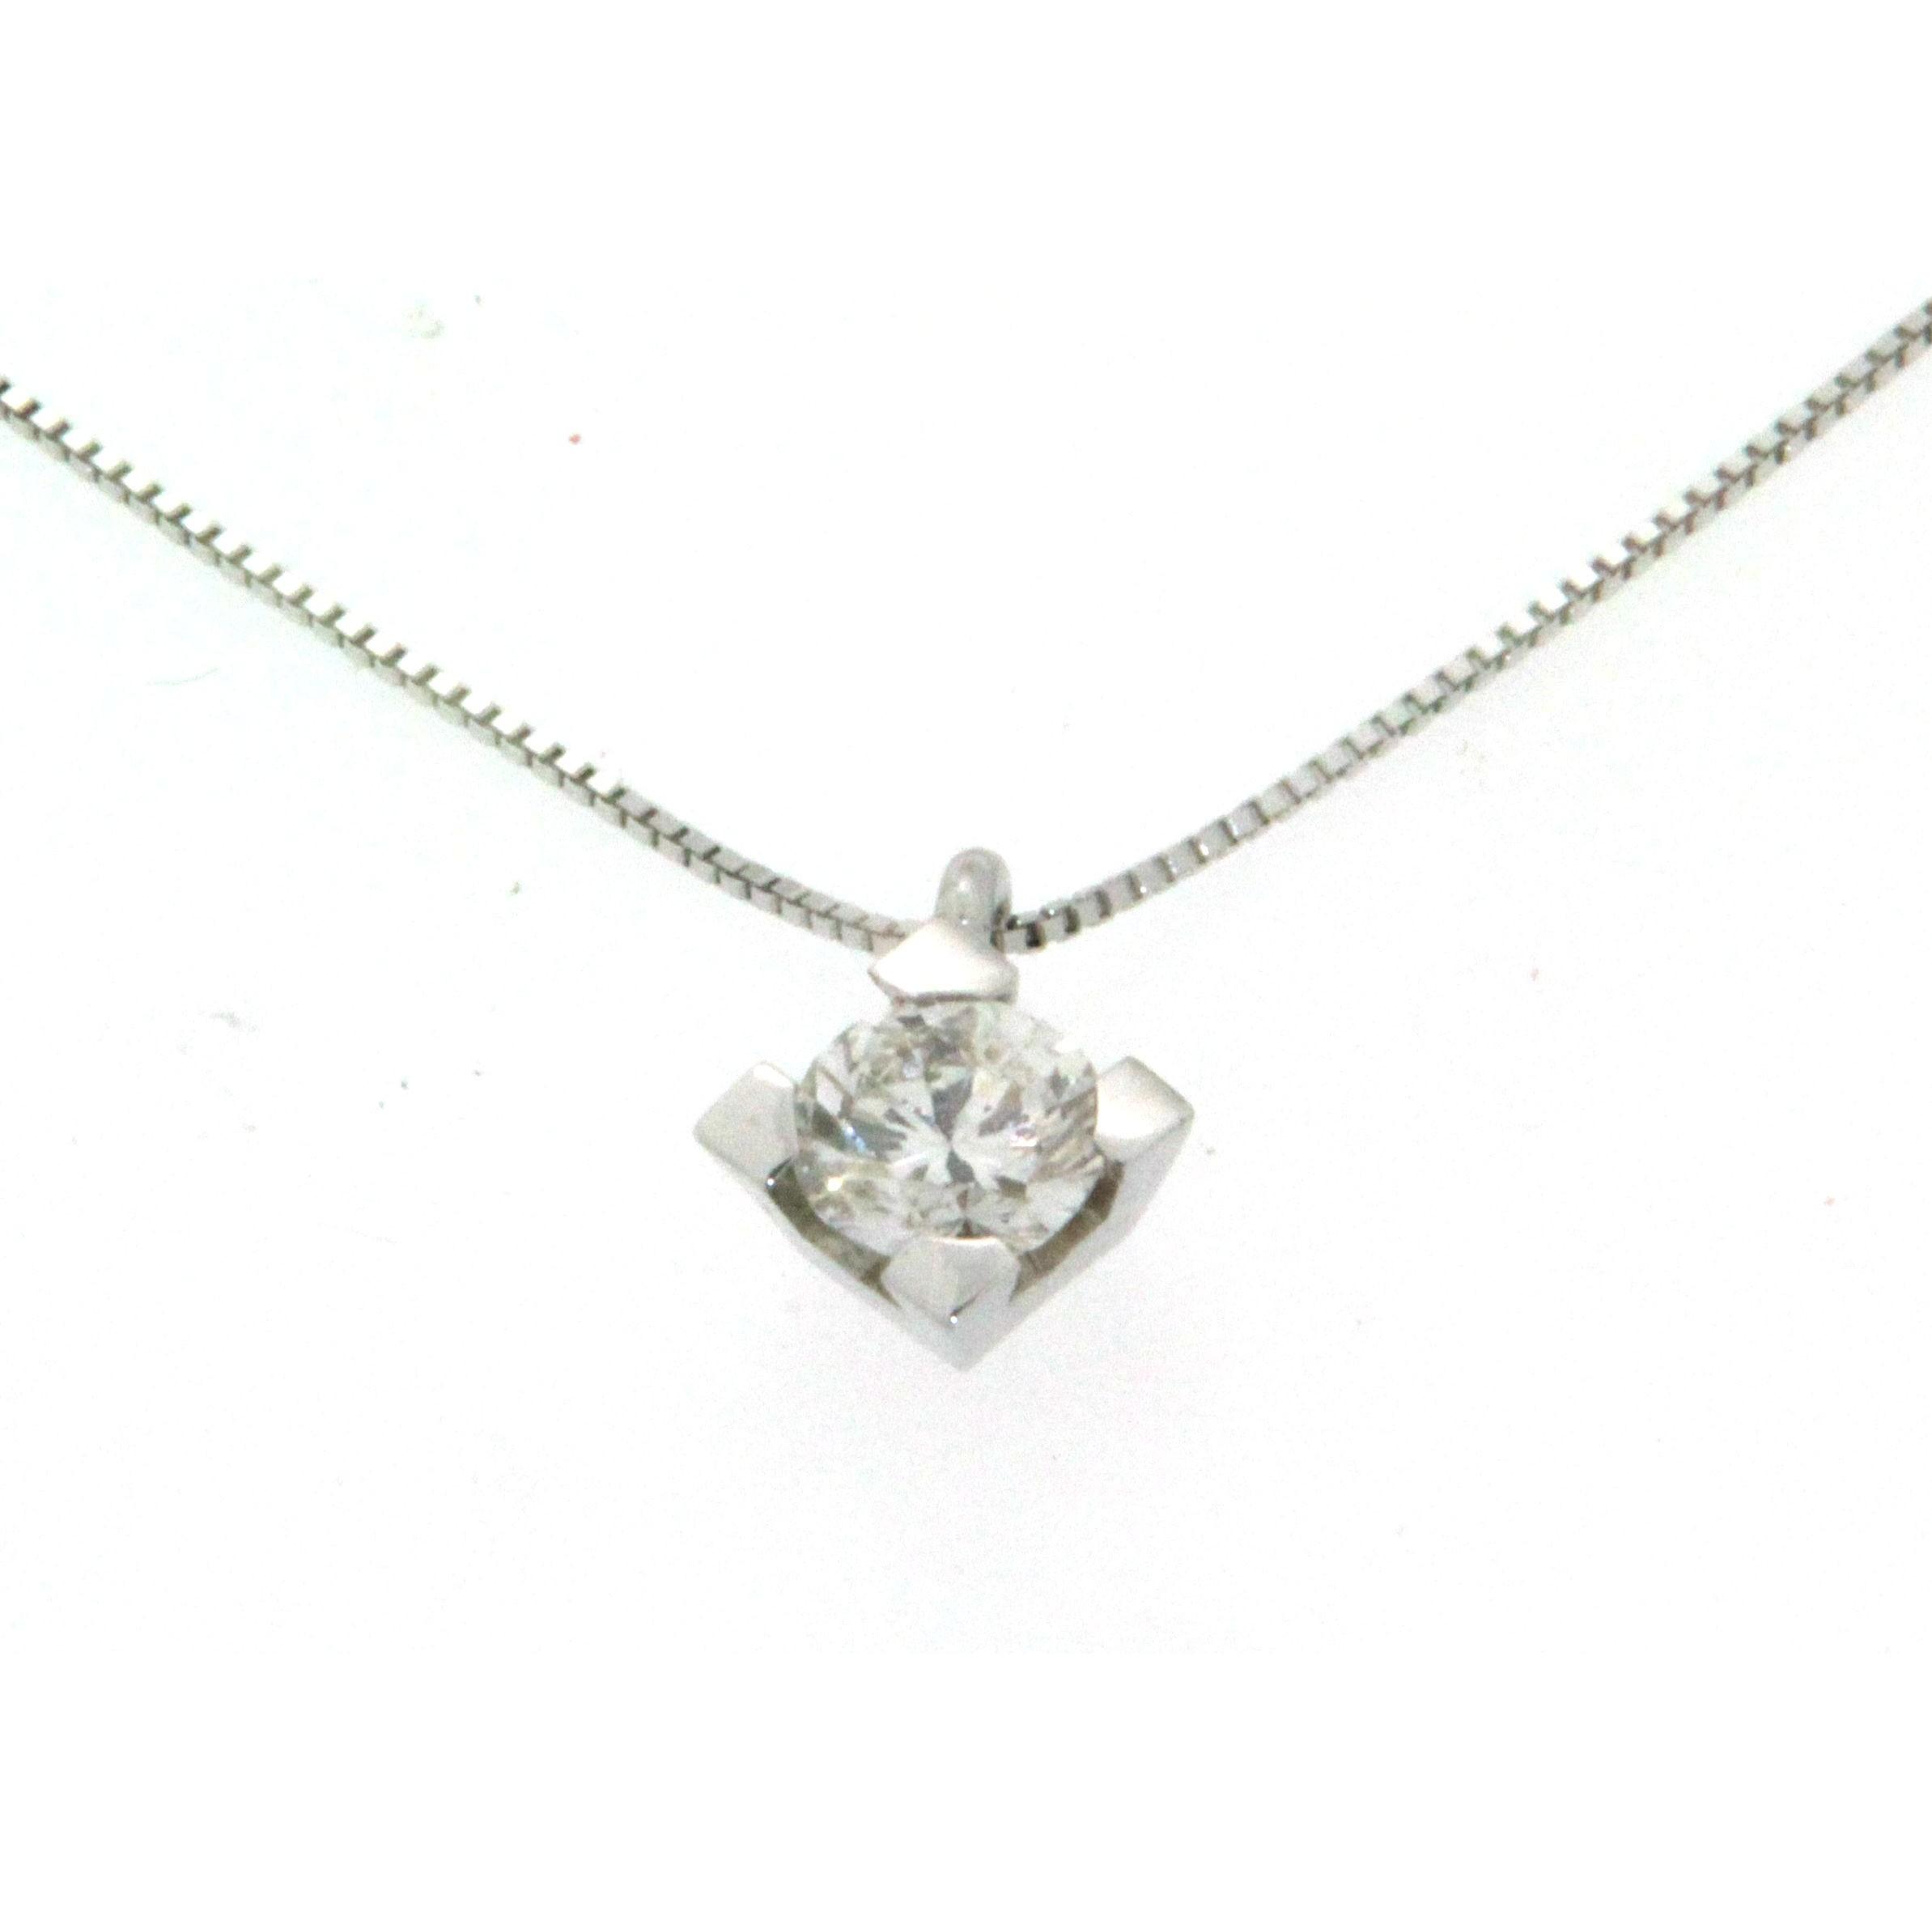 offres exclusives magasins d'usine 100% qualité garantie Collier chaîne en or blanc 18k, avec pendentif diamant de 0,41ct